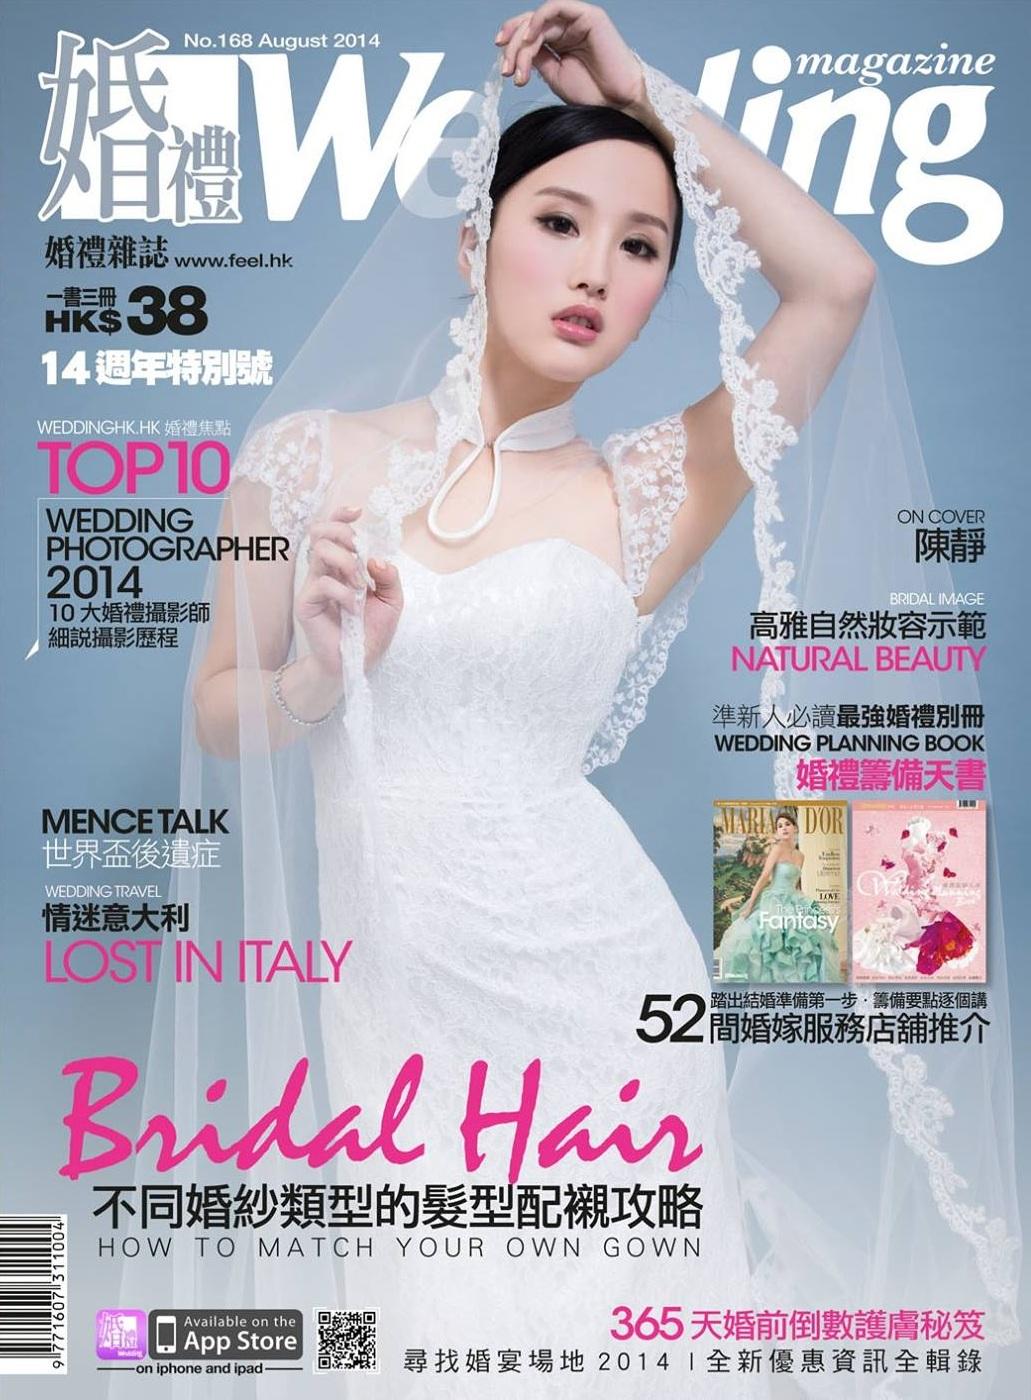 婚禮雜誌 Vol.168